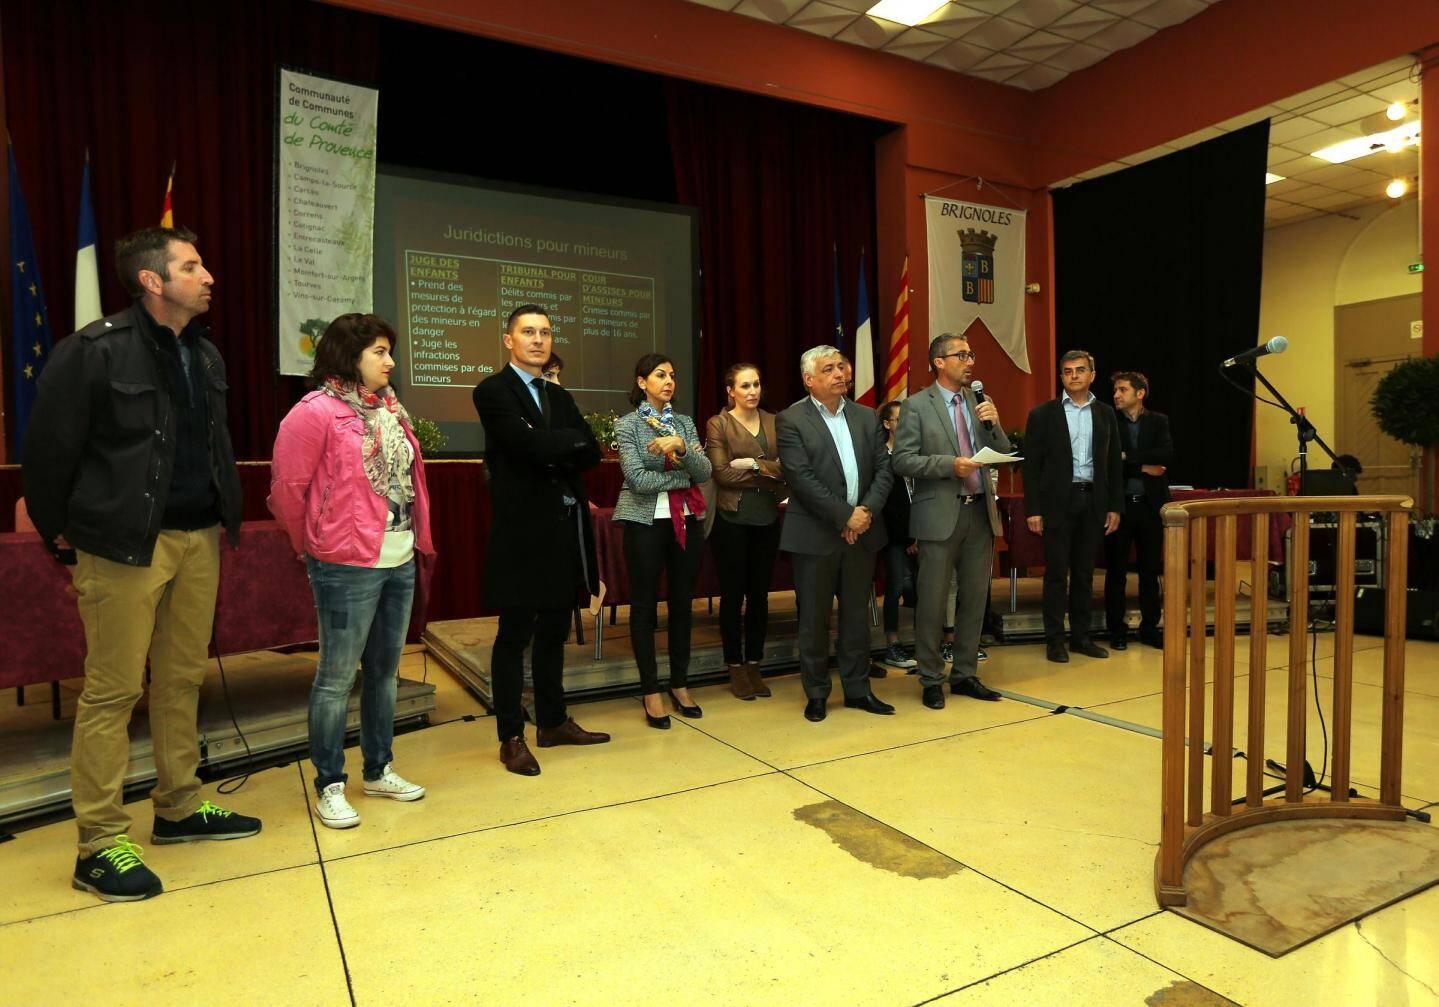 Les professionnels de la justice ont été présentés par Jean-Michel Constans, vice-président de la communauté de communes délégué au Pad (au micro).